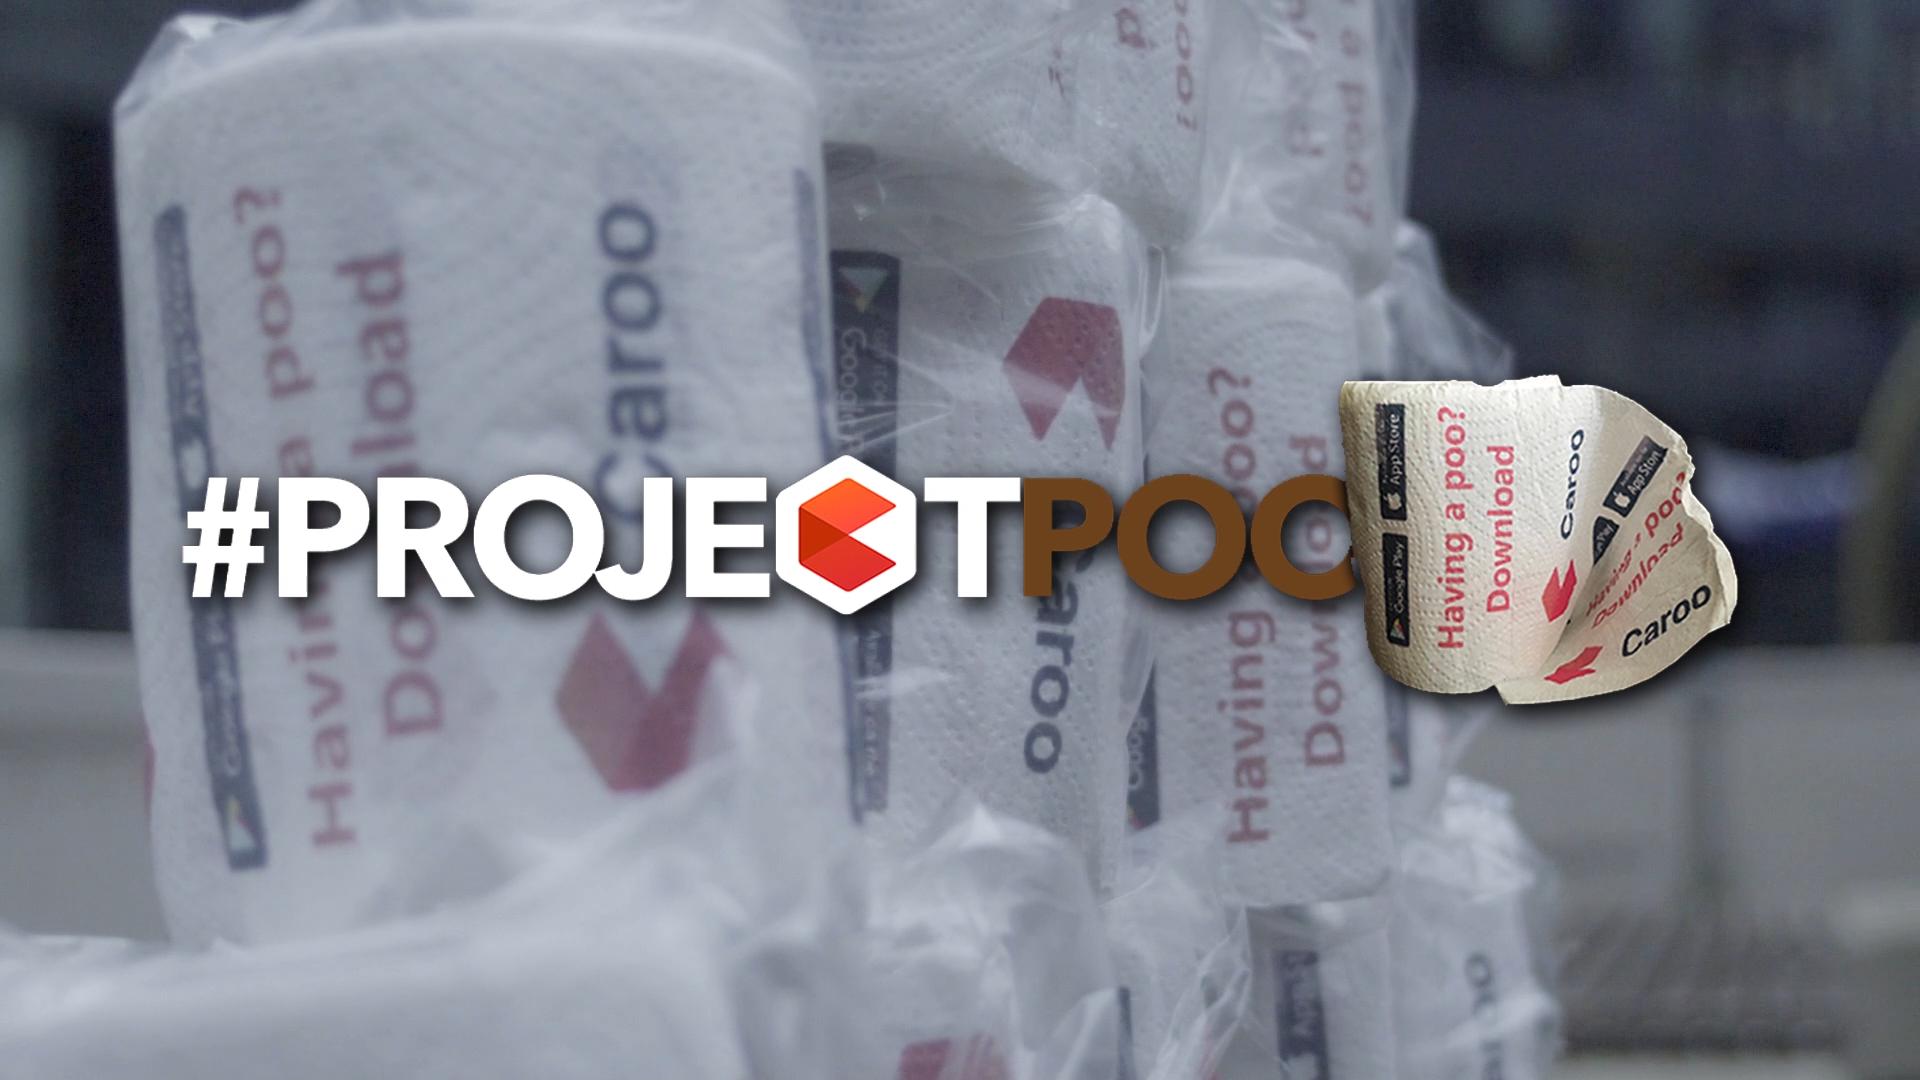 #ProjectPoo